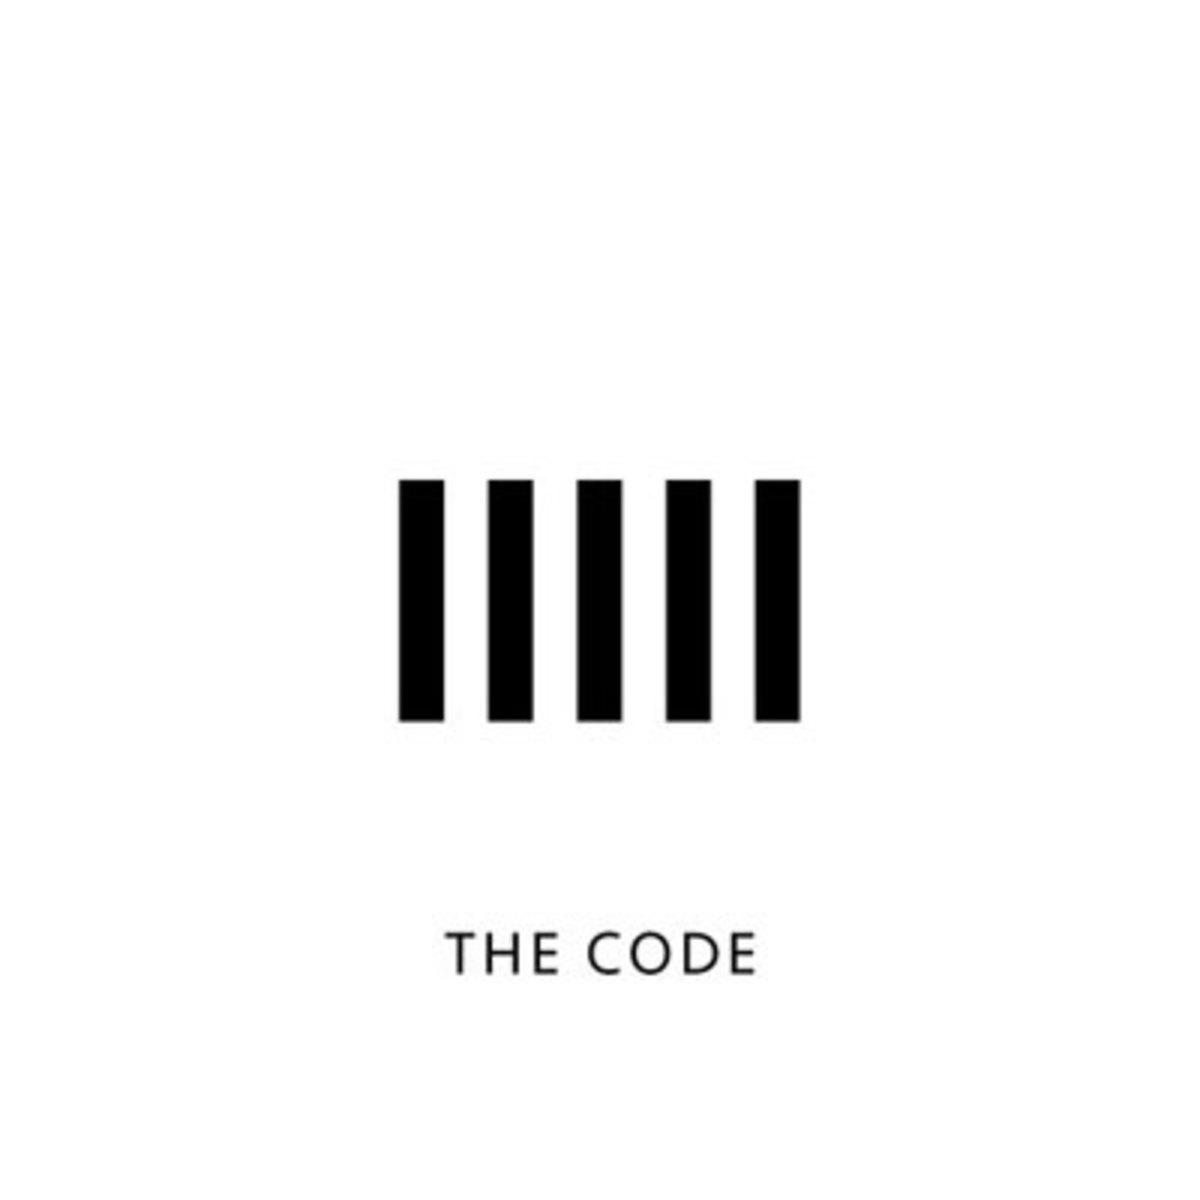 thecode.jpg